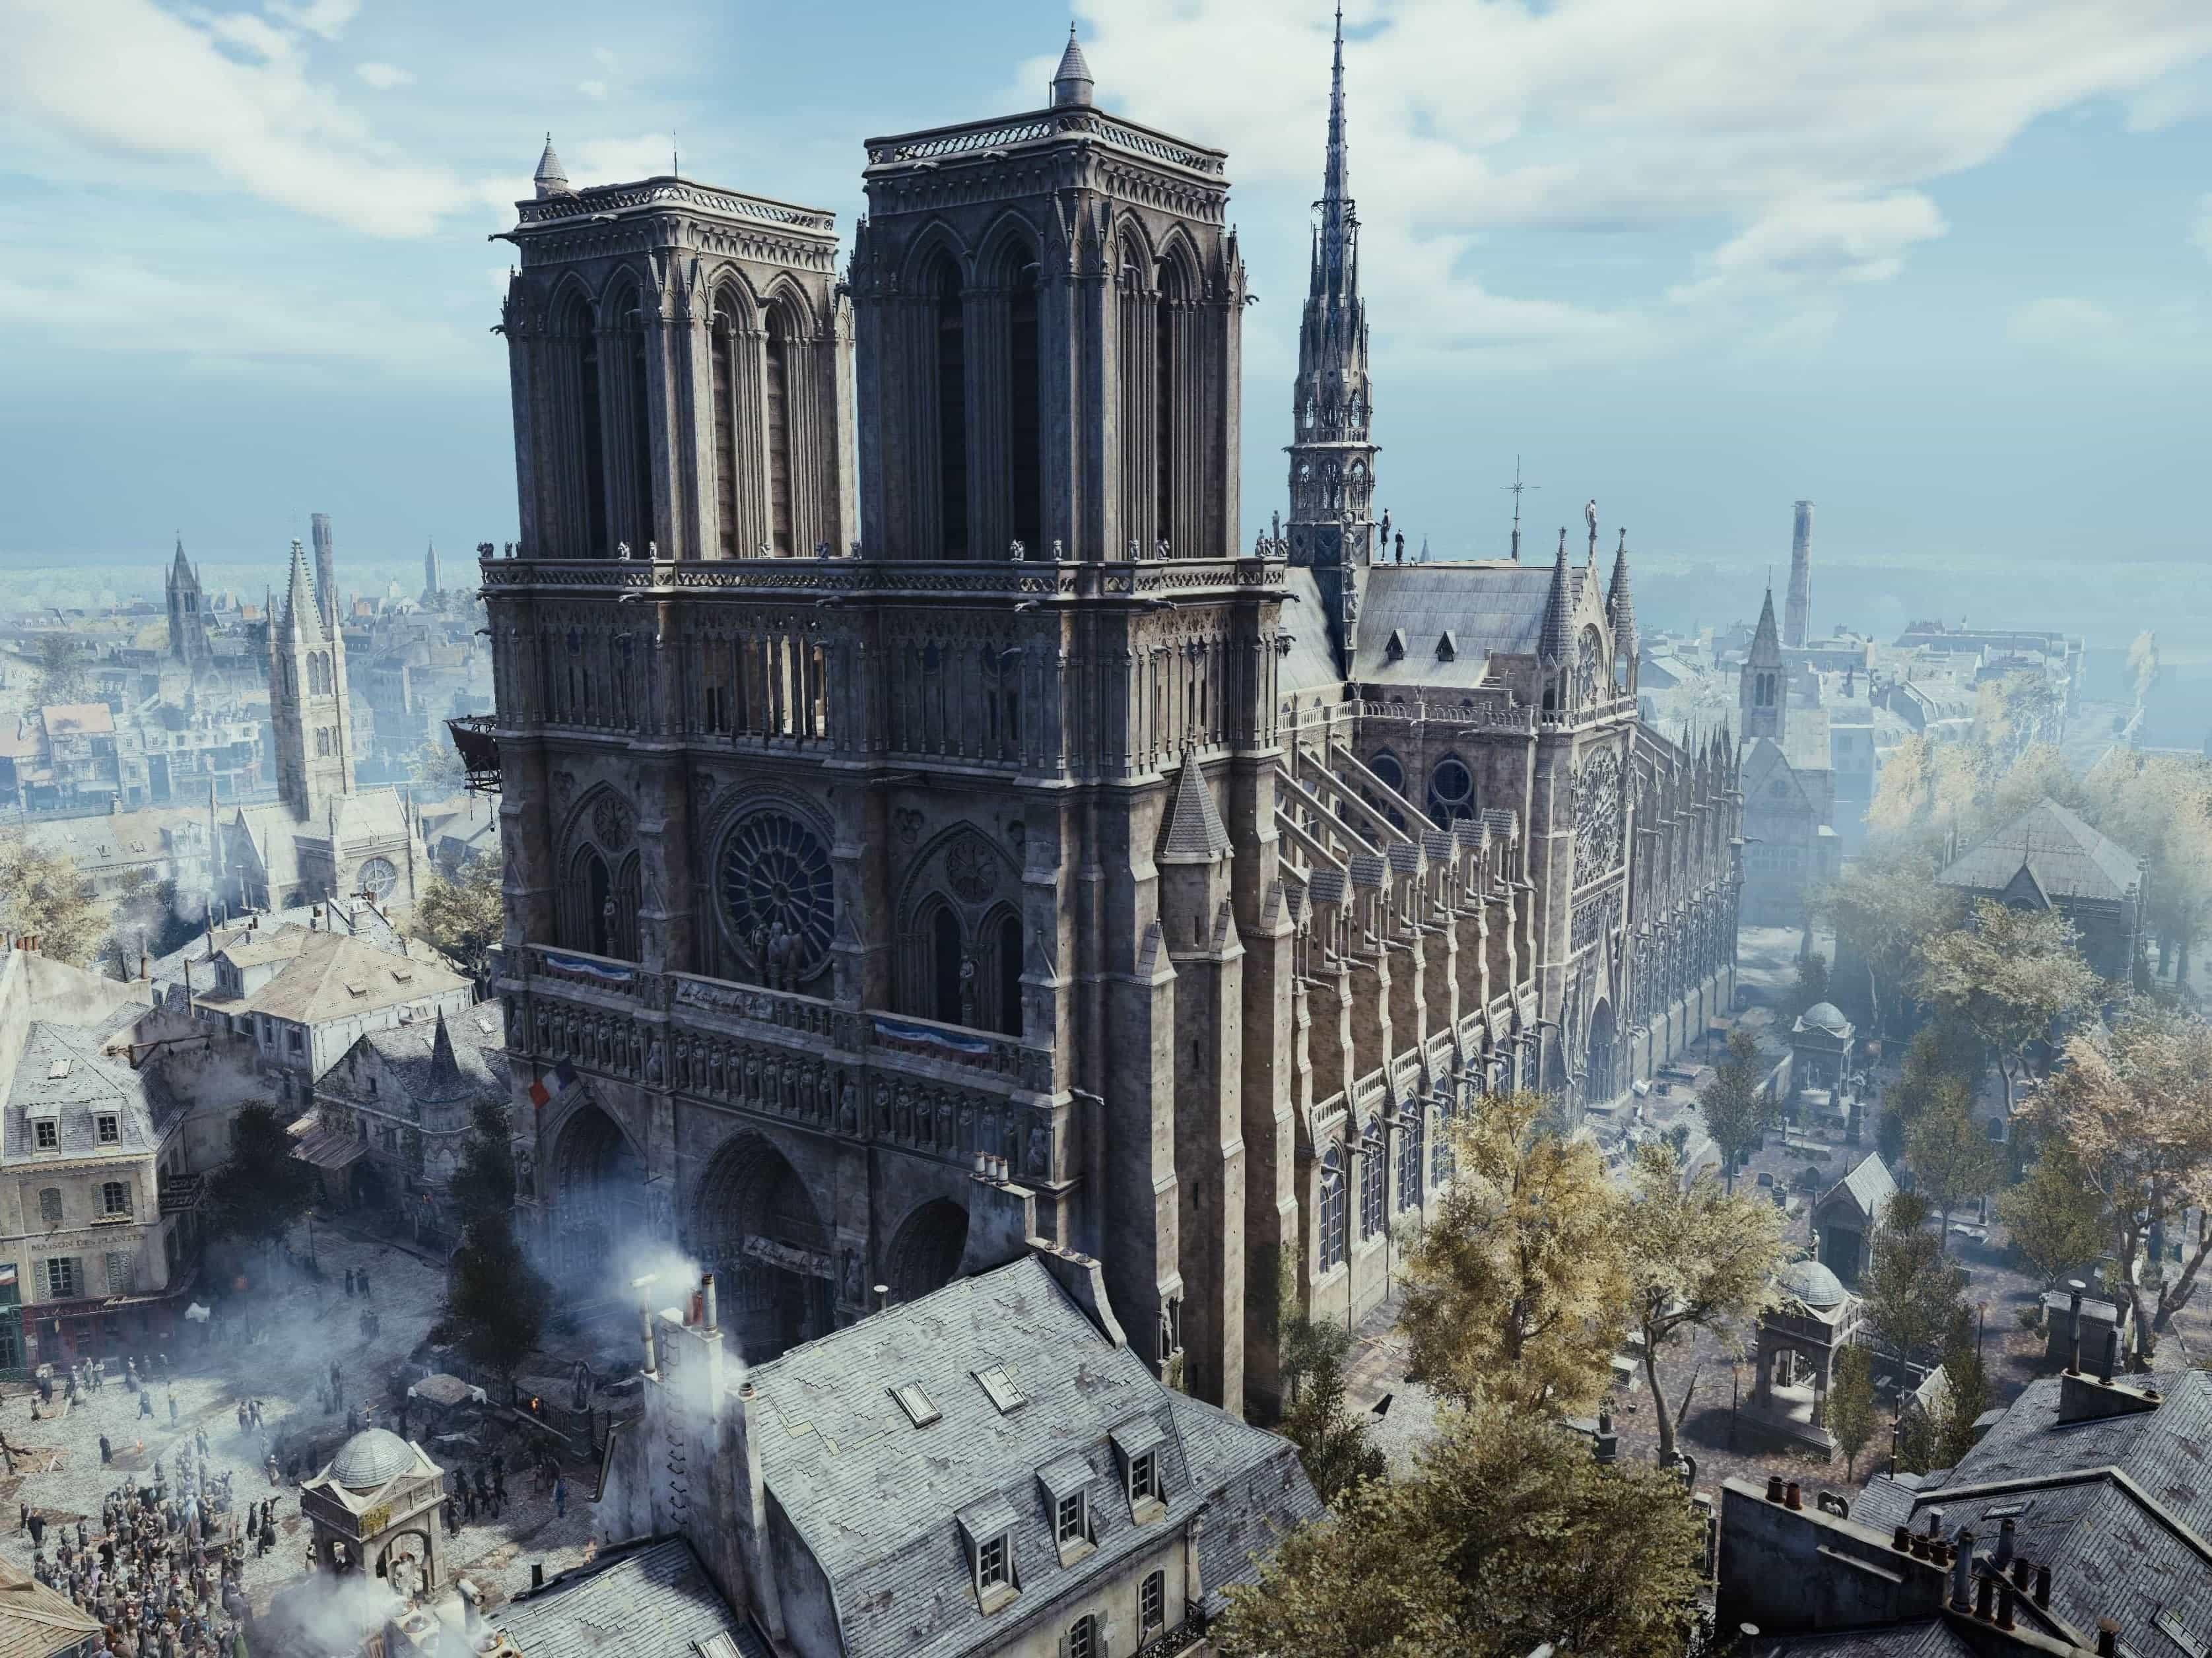 Notre-Dame de Paris : Ubisoft offre AC Unity aux joueurs et 500 000 euros de dons